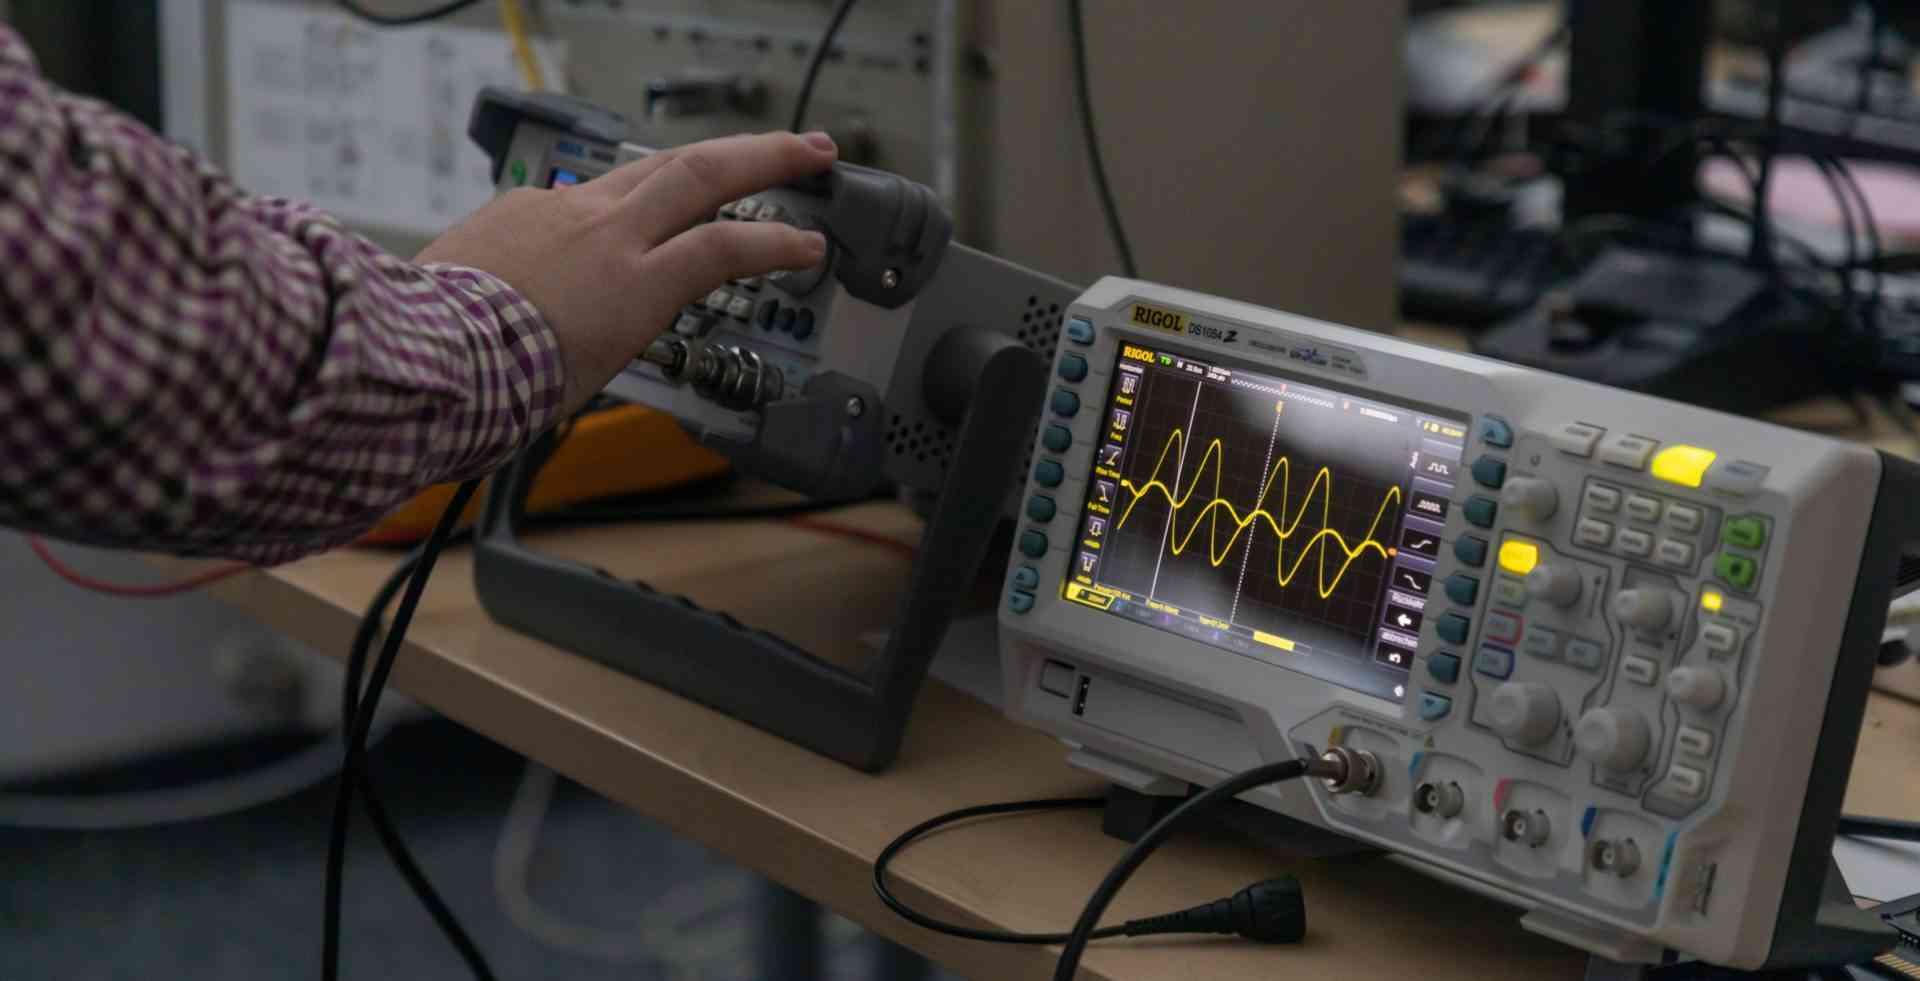 Nachrichtentechnik Oszilloskop und Frequenzgenerator